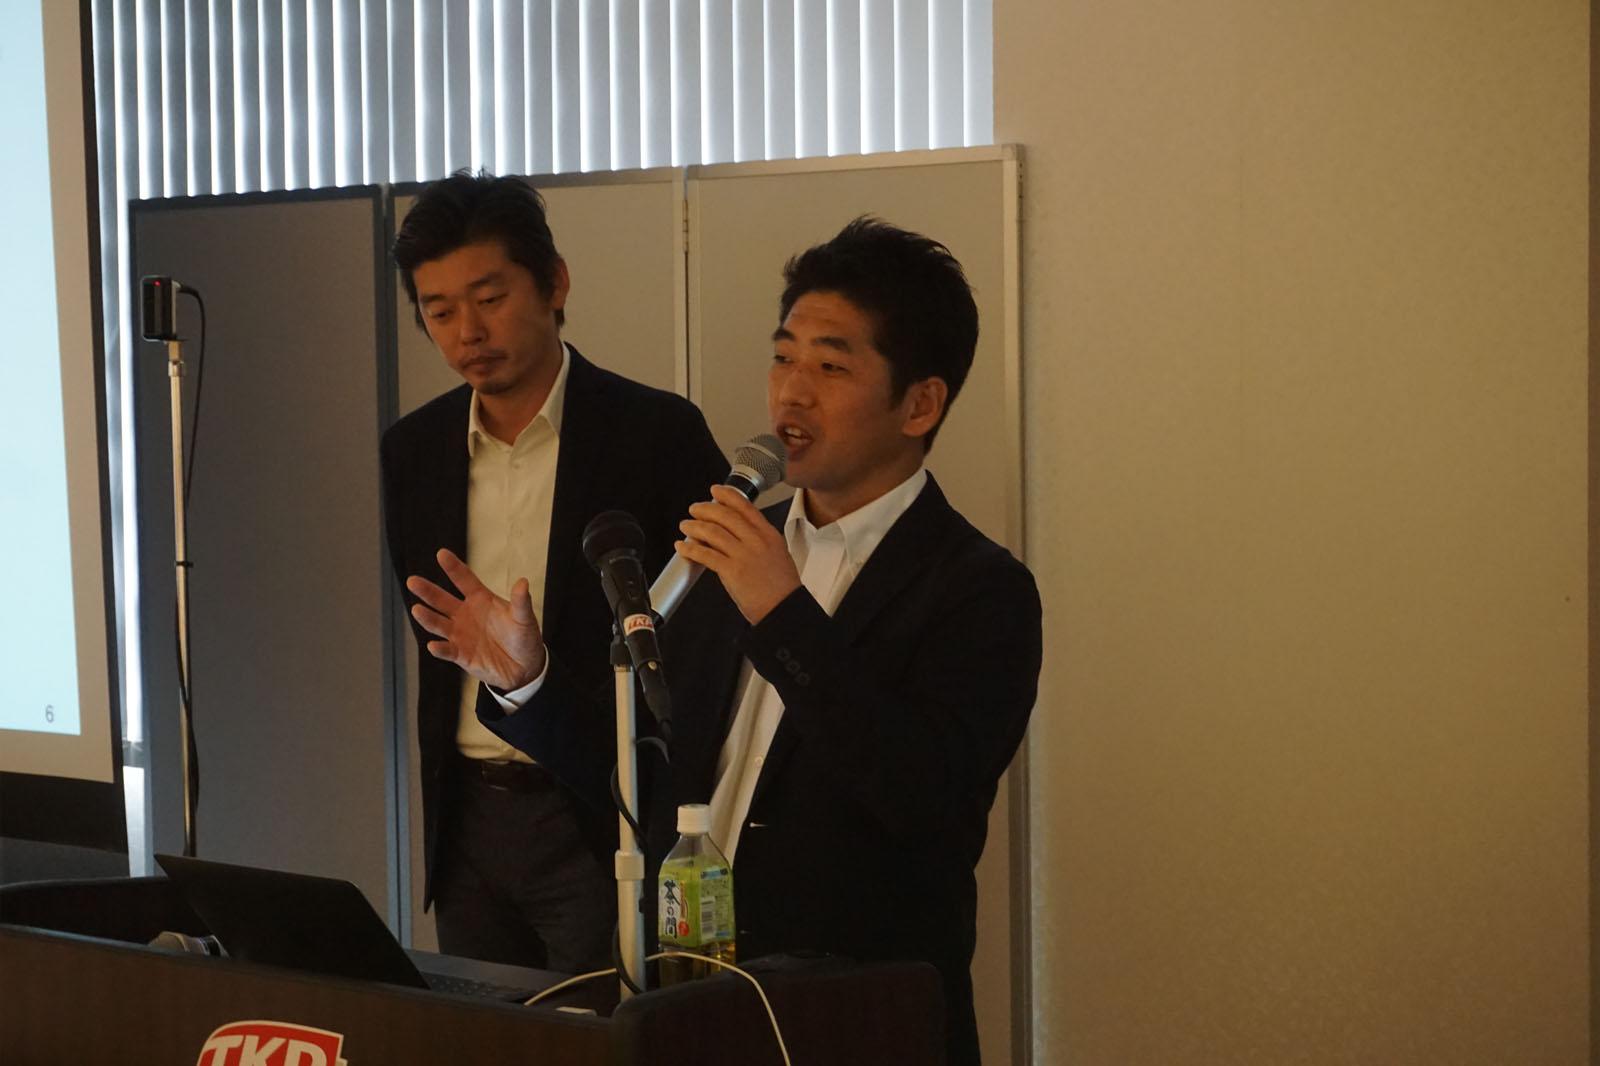 株式会社アジャイルウェア 代表取締役CEO川端 光義(写真左)株式会社アジャイルウェア水口 崇(写真右)